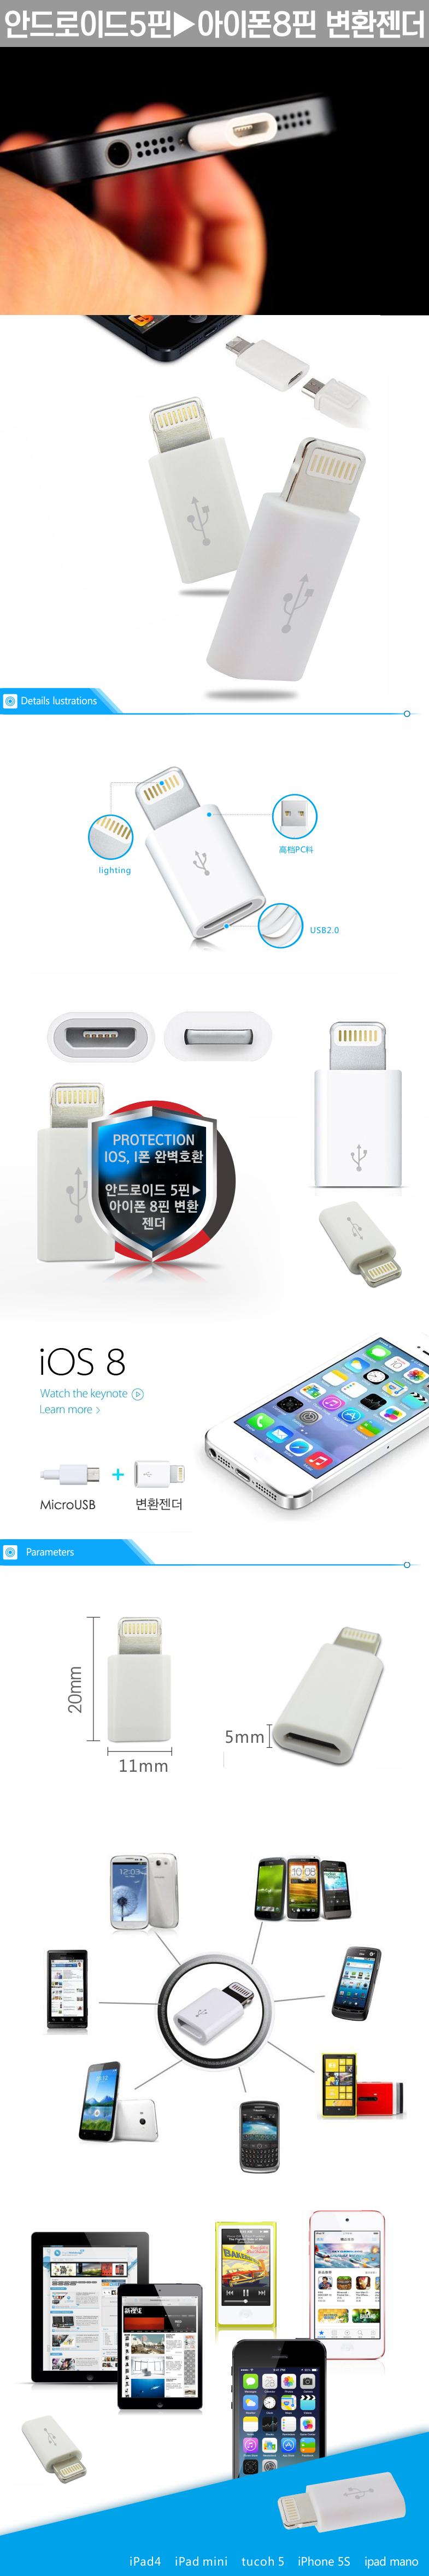 Micro 5핀 USB - 애플 8핀 라이트닝 변환 젠더 (안드로이드 충전기로 아이폰 충전)